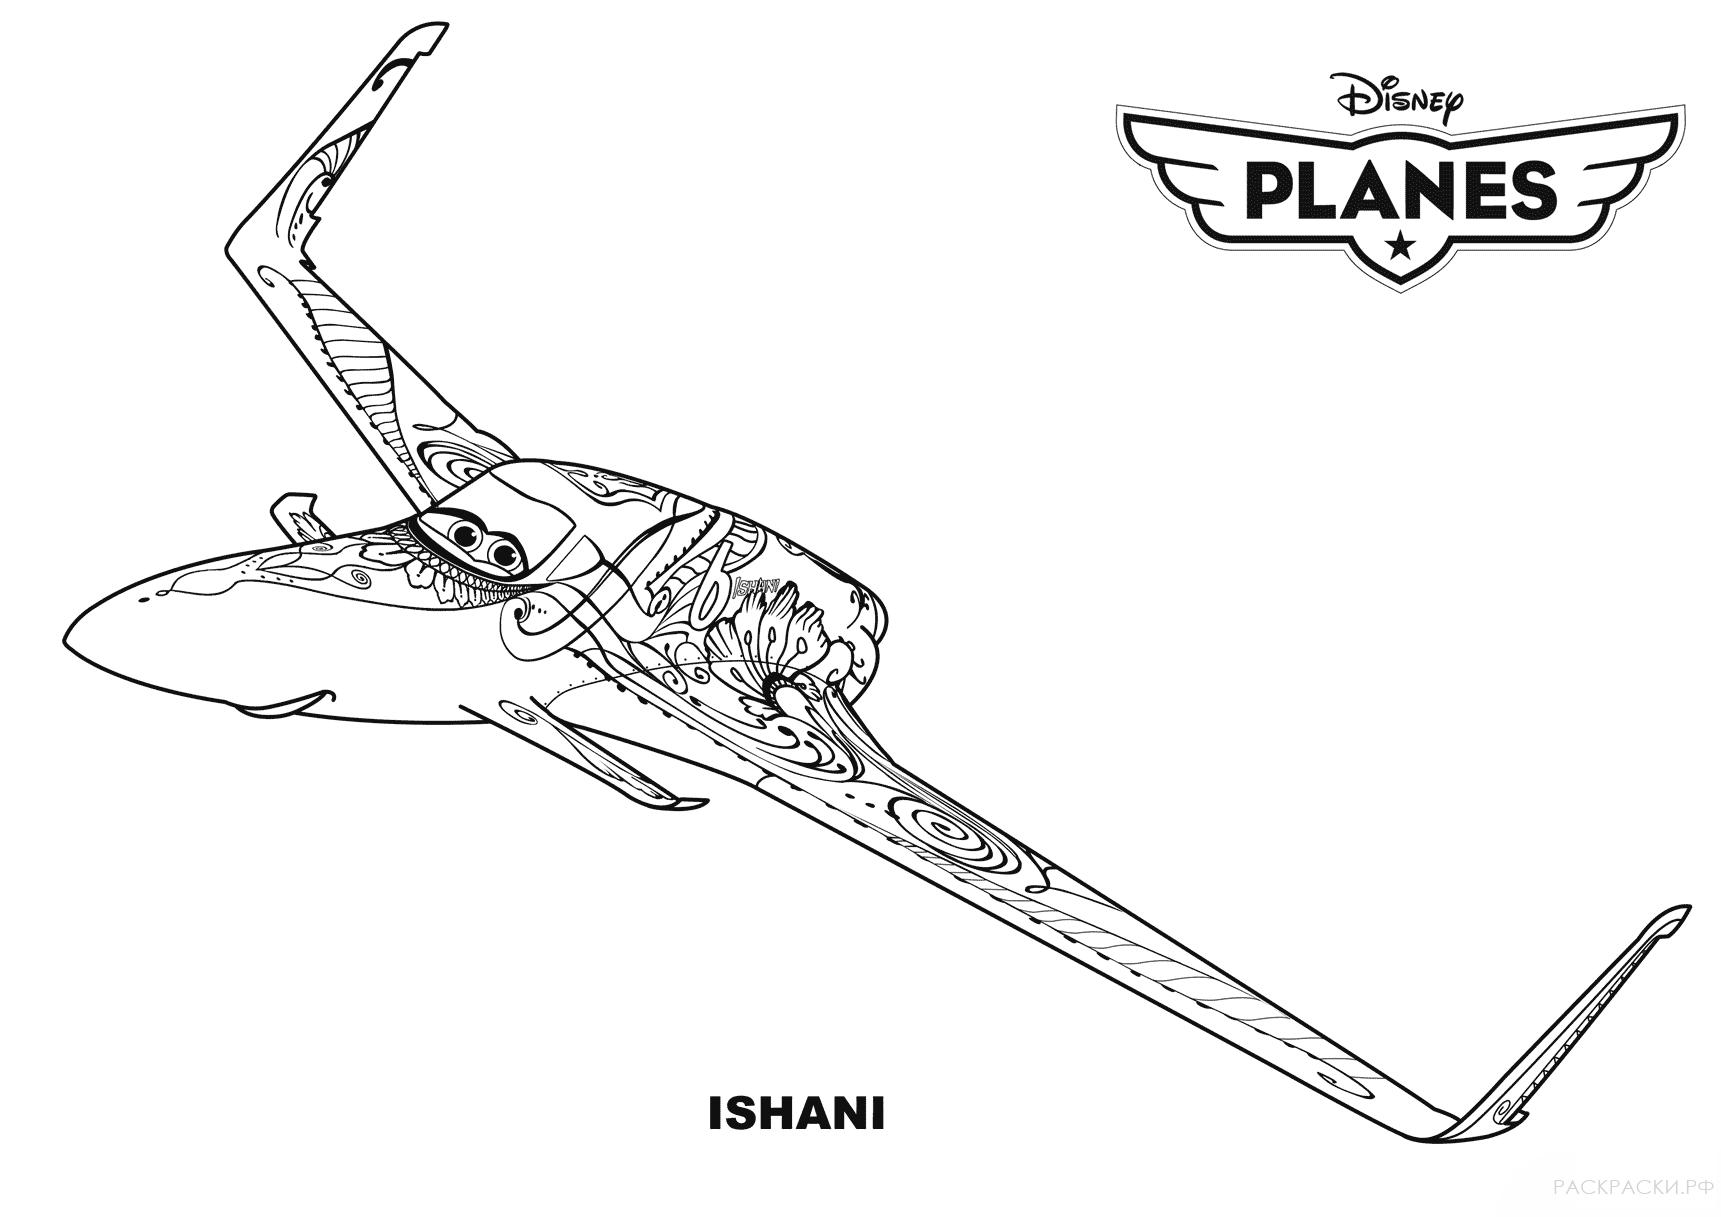 раскраска дисней самолёт дасти победитель раскраски рф